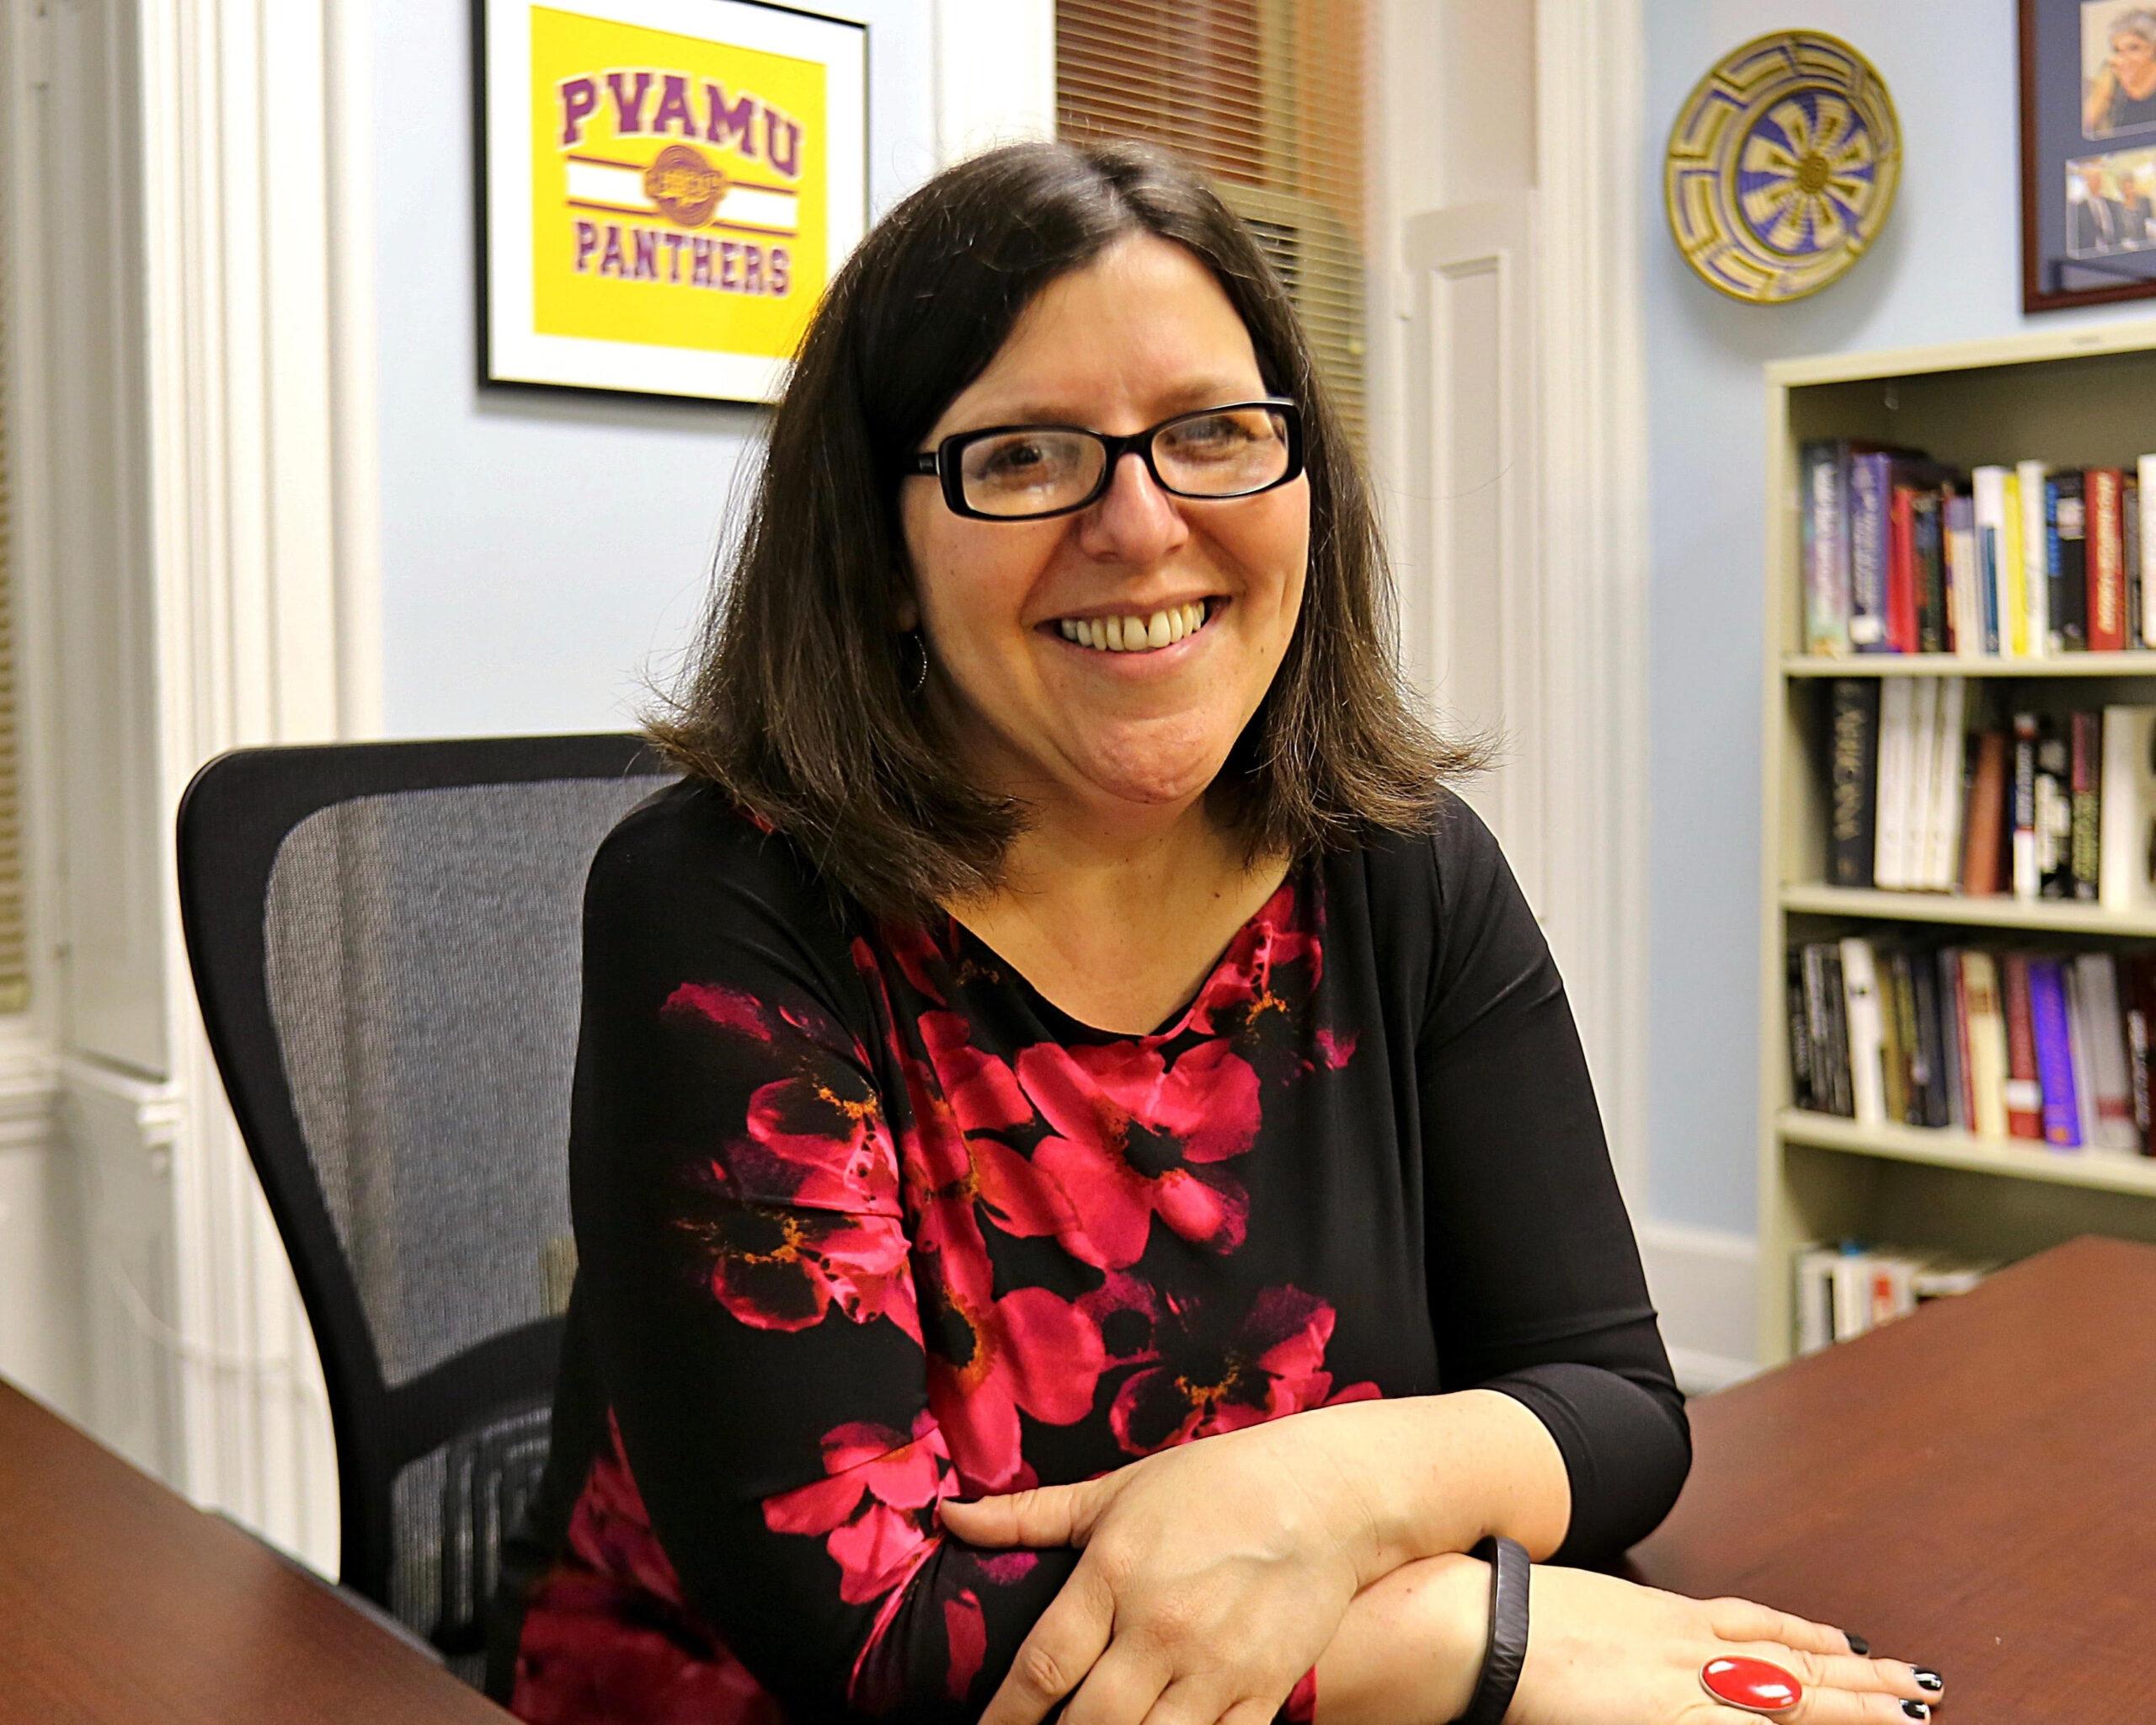 Dr. Marybeth Gasman On Being An HBCU Scholar